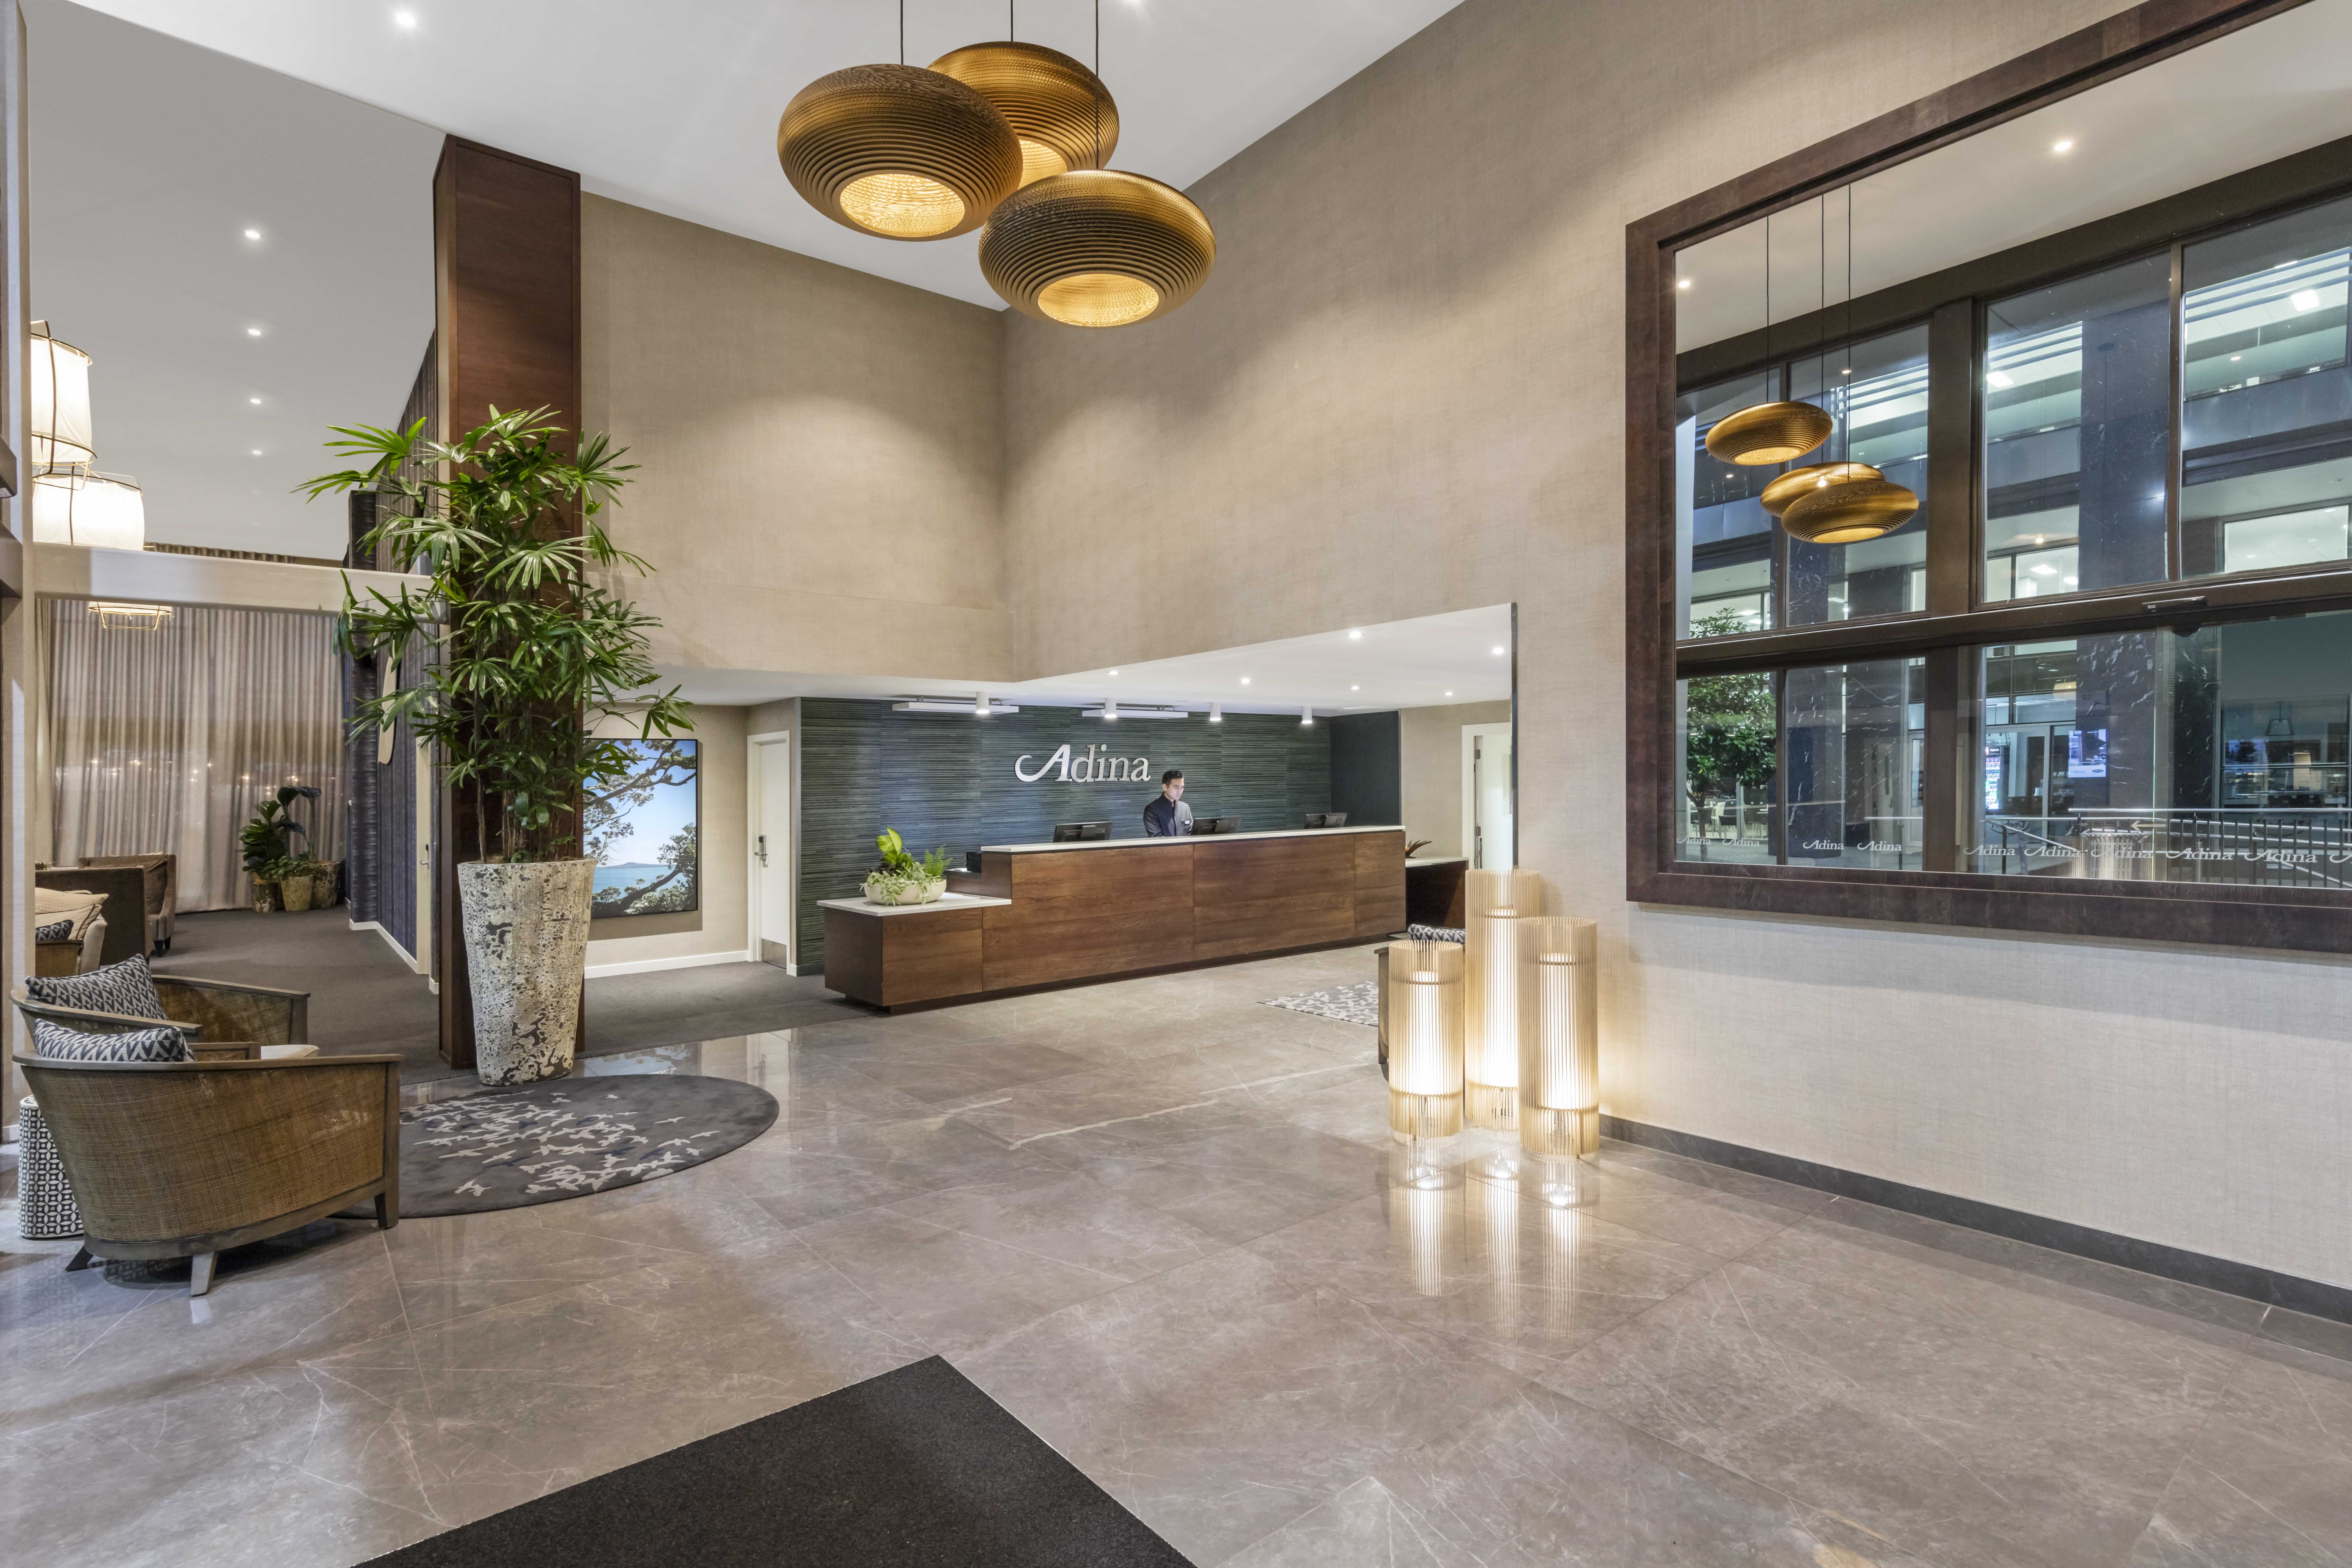 Adina Apartment Hotel, Auckland 1